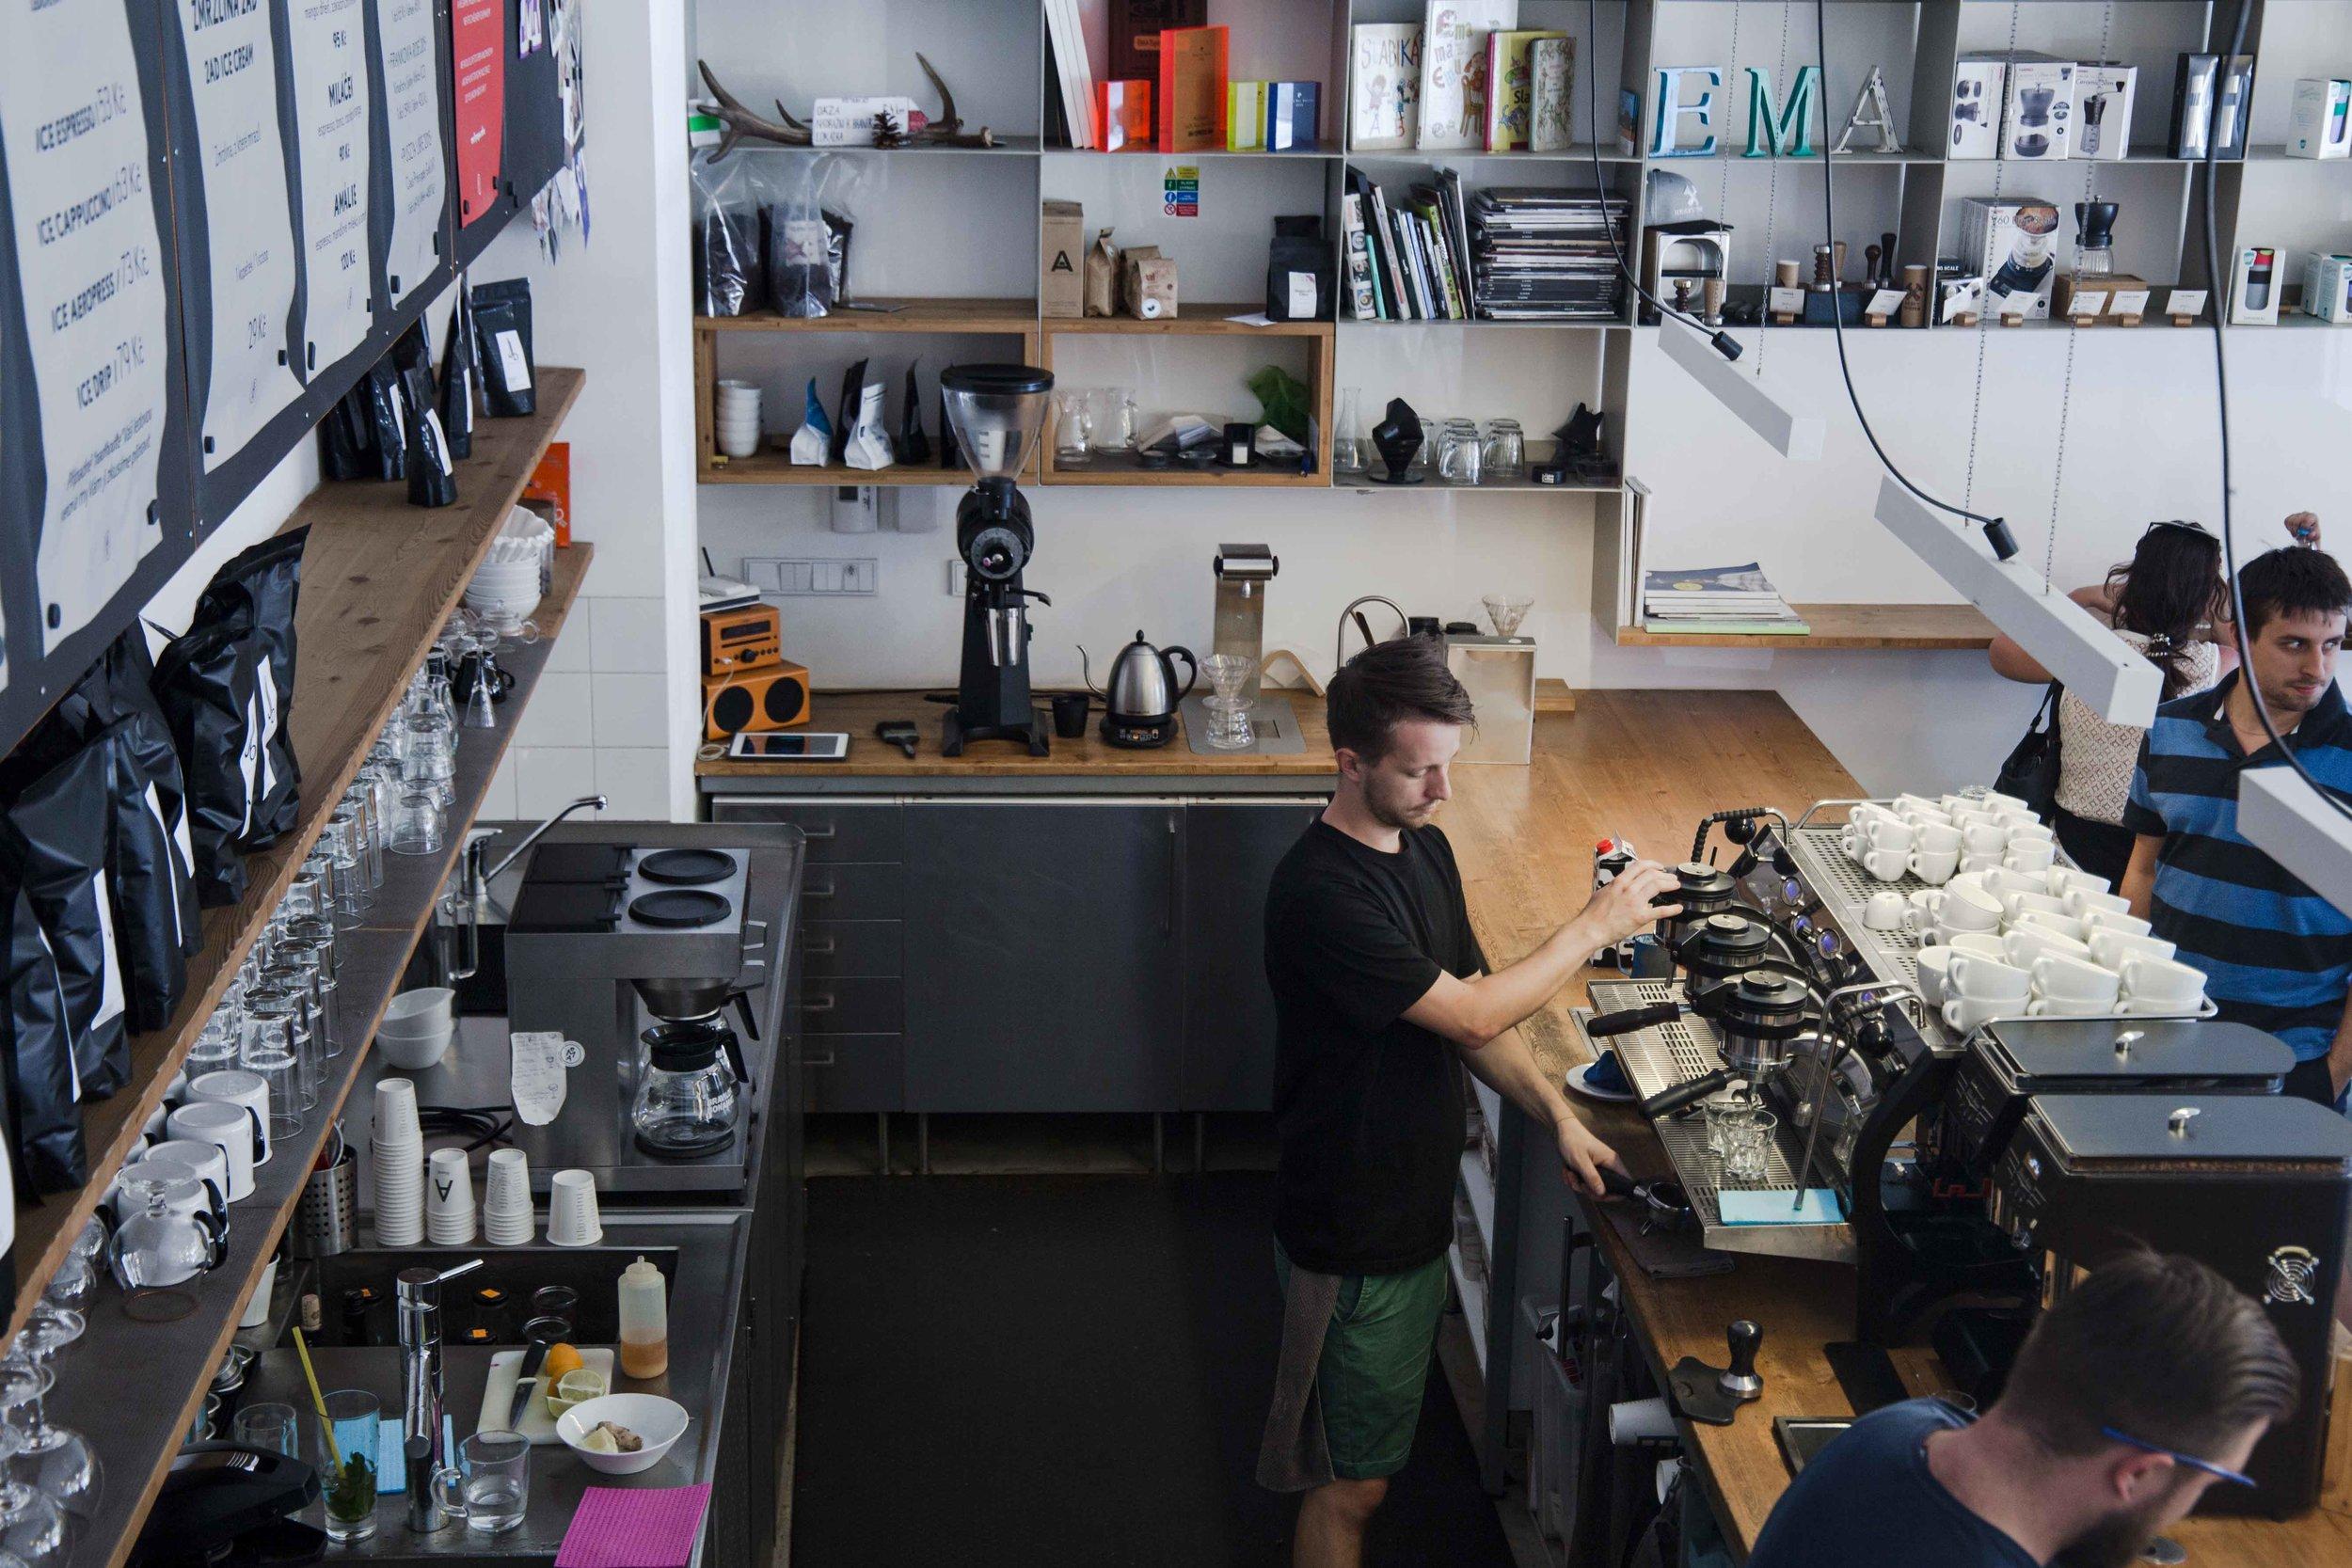 ema specialty coffee bar prague